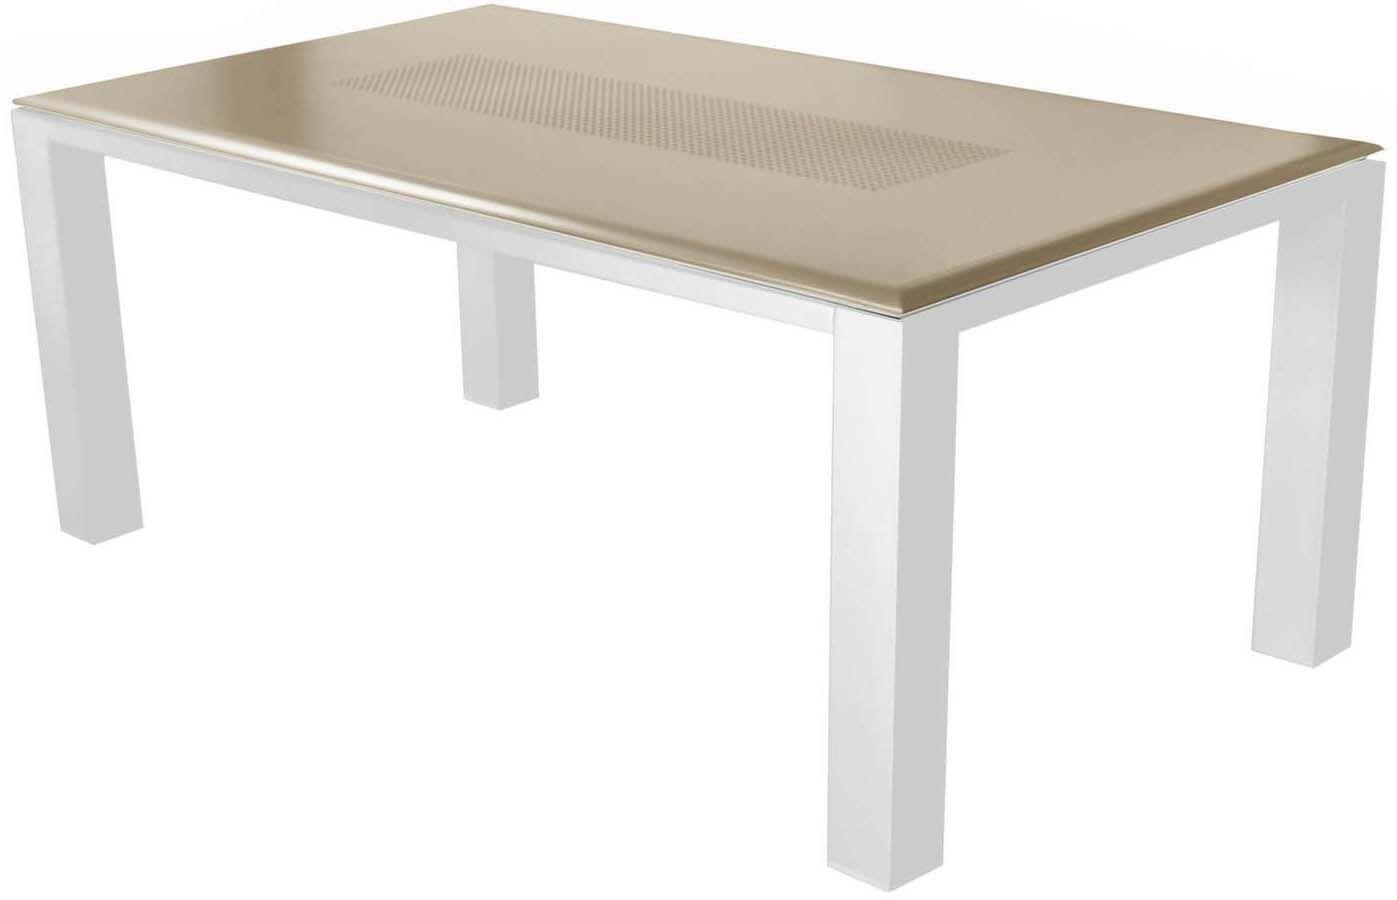 salon de jardin confortable 6 fauteuils oslo taupe. Black Bedroom Furniture Sets. Home Design Ideas